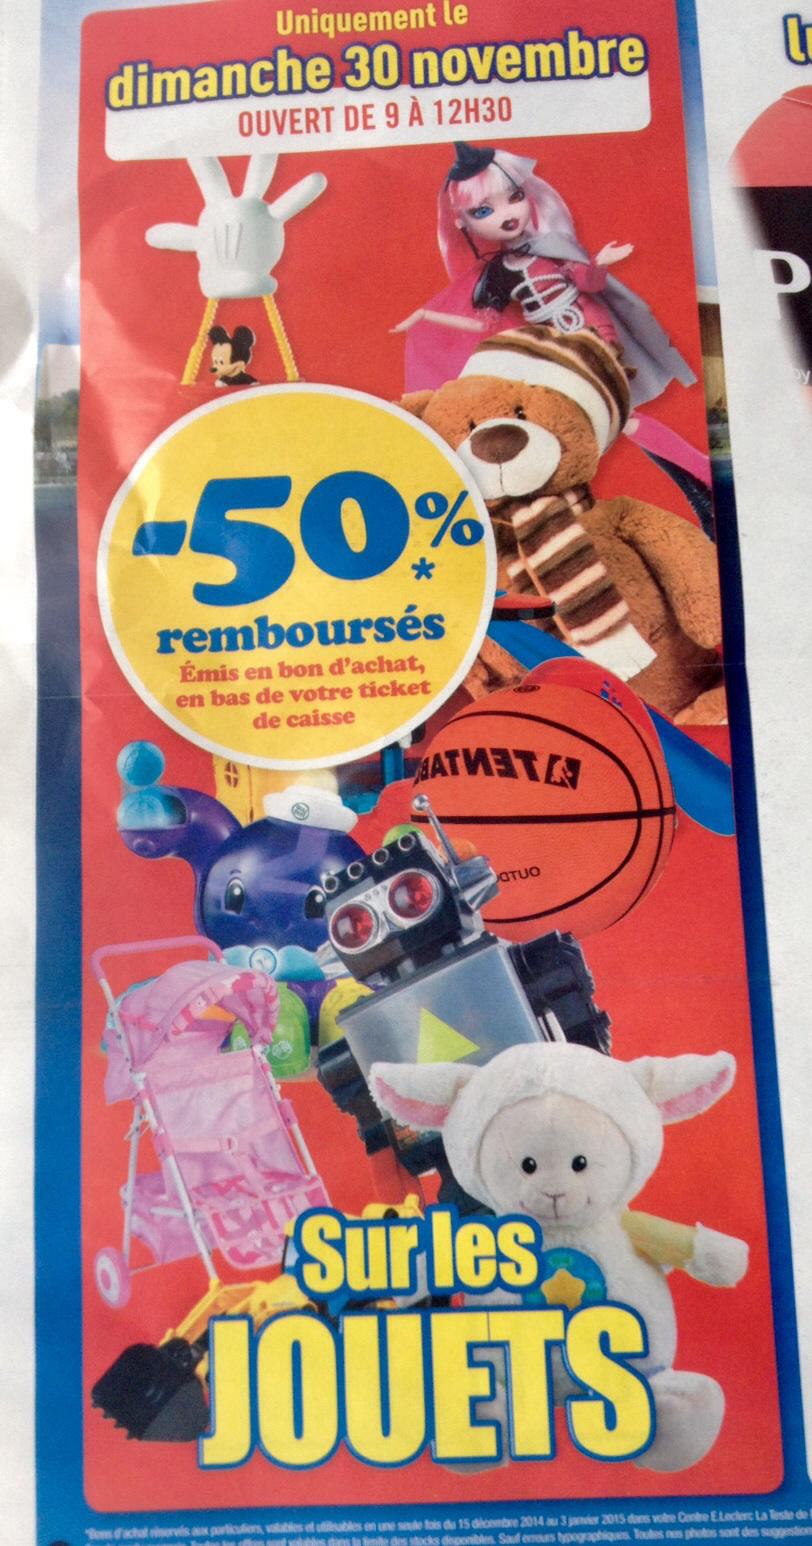 50% remboursés en bon d'achat sur tout les jouets et 30% en bon d'achat sur tout l'informatique